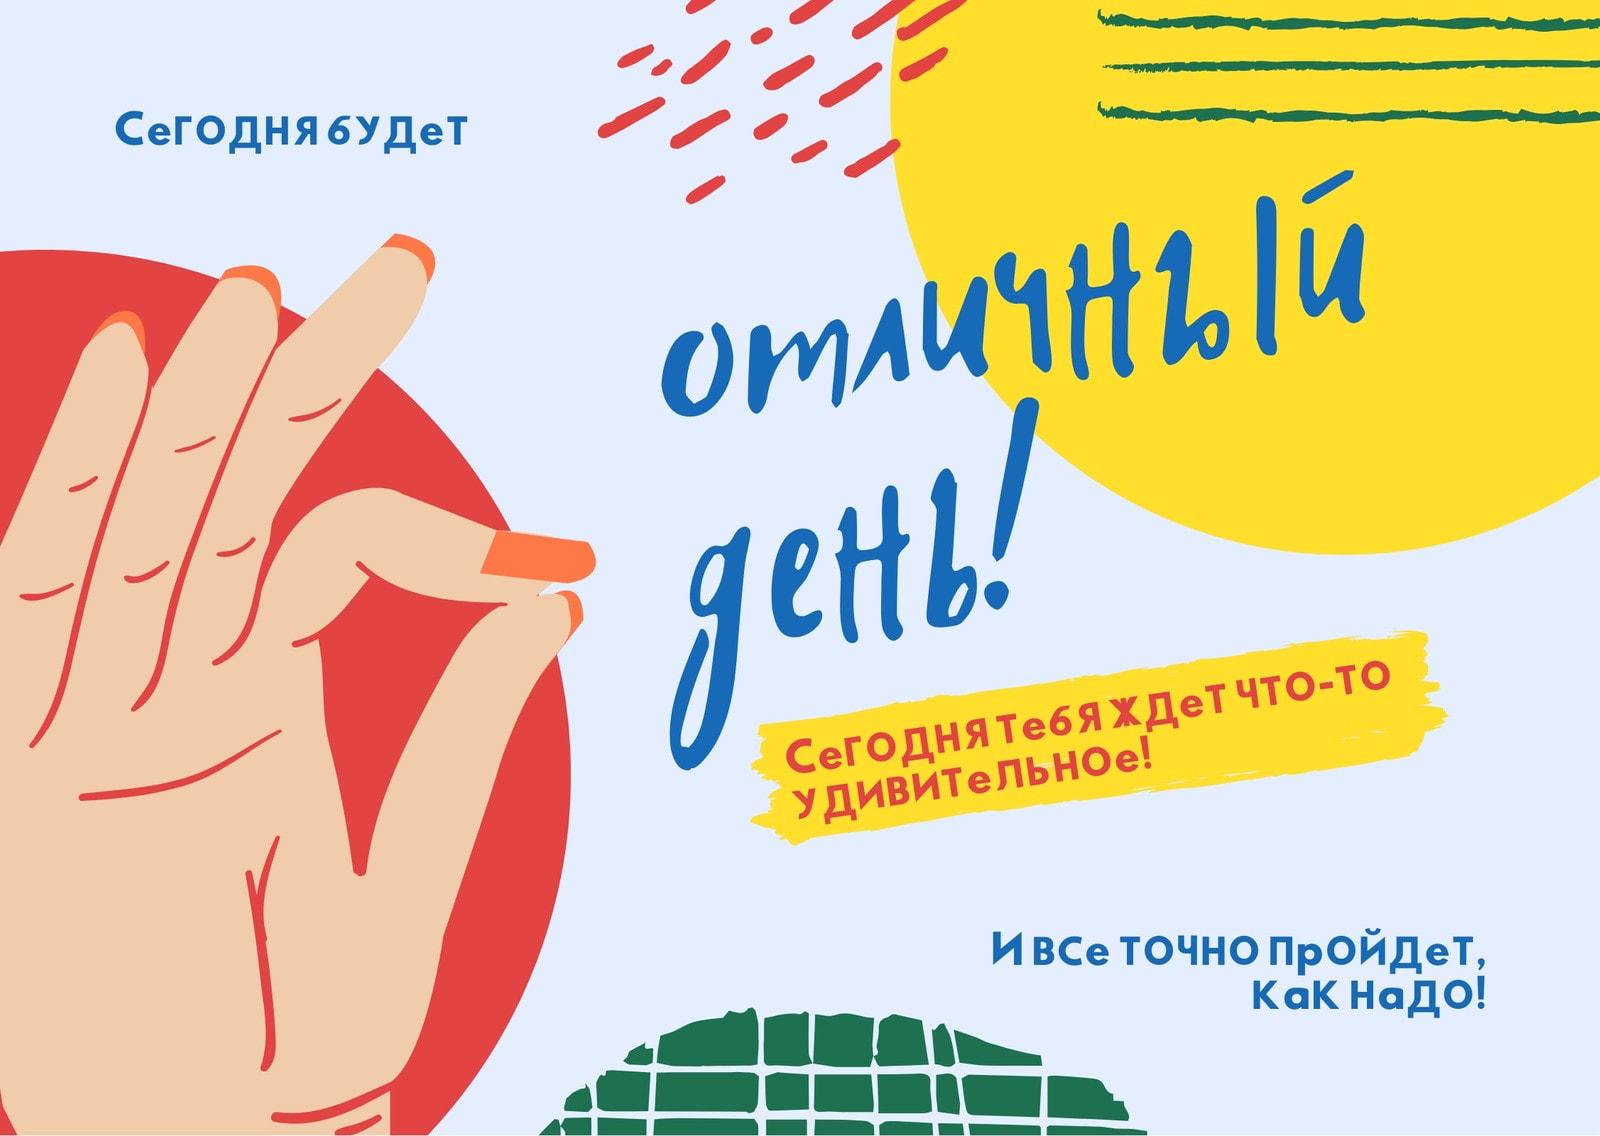 Цветная открытка с пожеланием хорошего дня и рисунком ладони